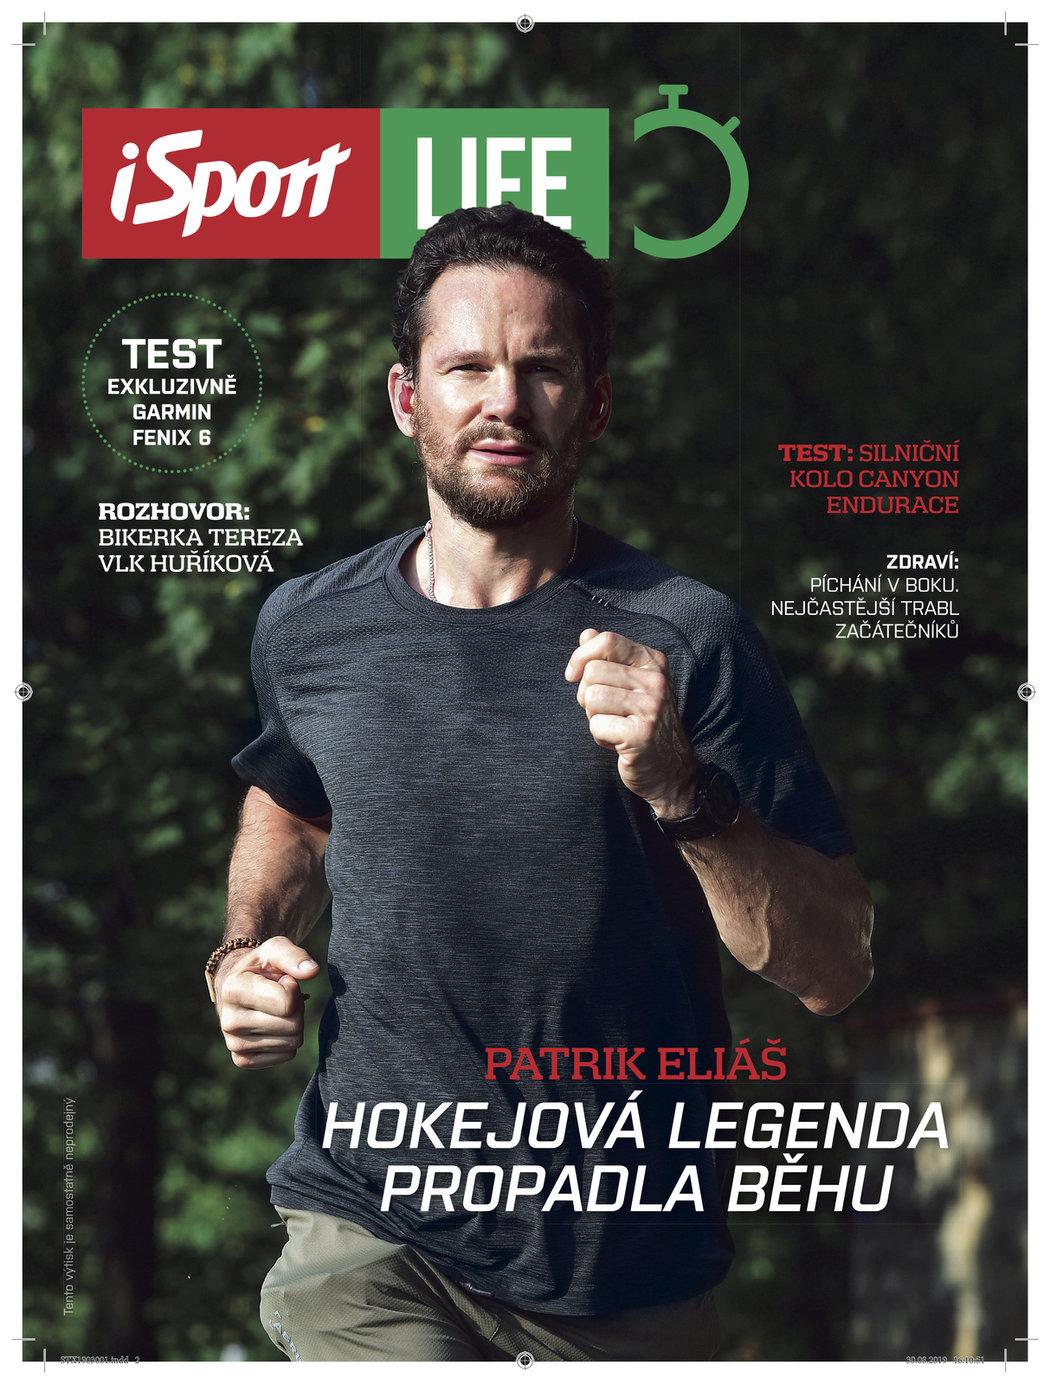 Nepromeškejte nové číslo magazínu iSportLIFE. V úterý 10. září 2019 jako příloha deníku Sport